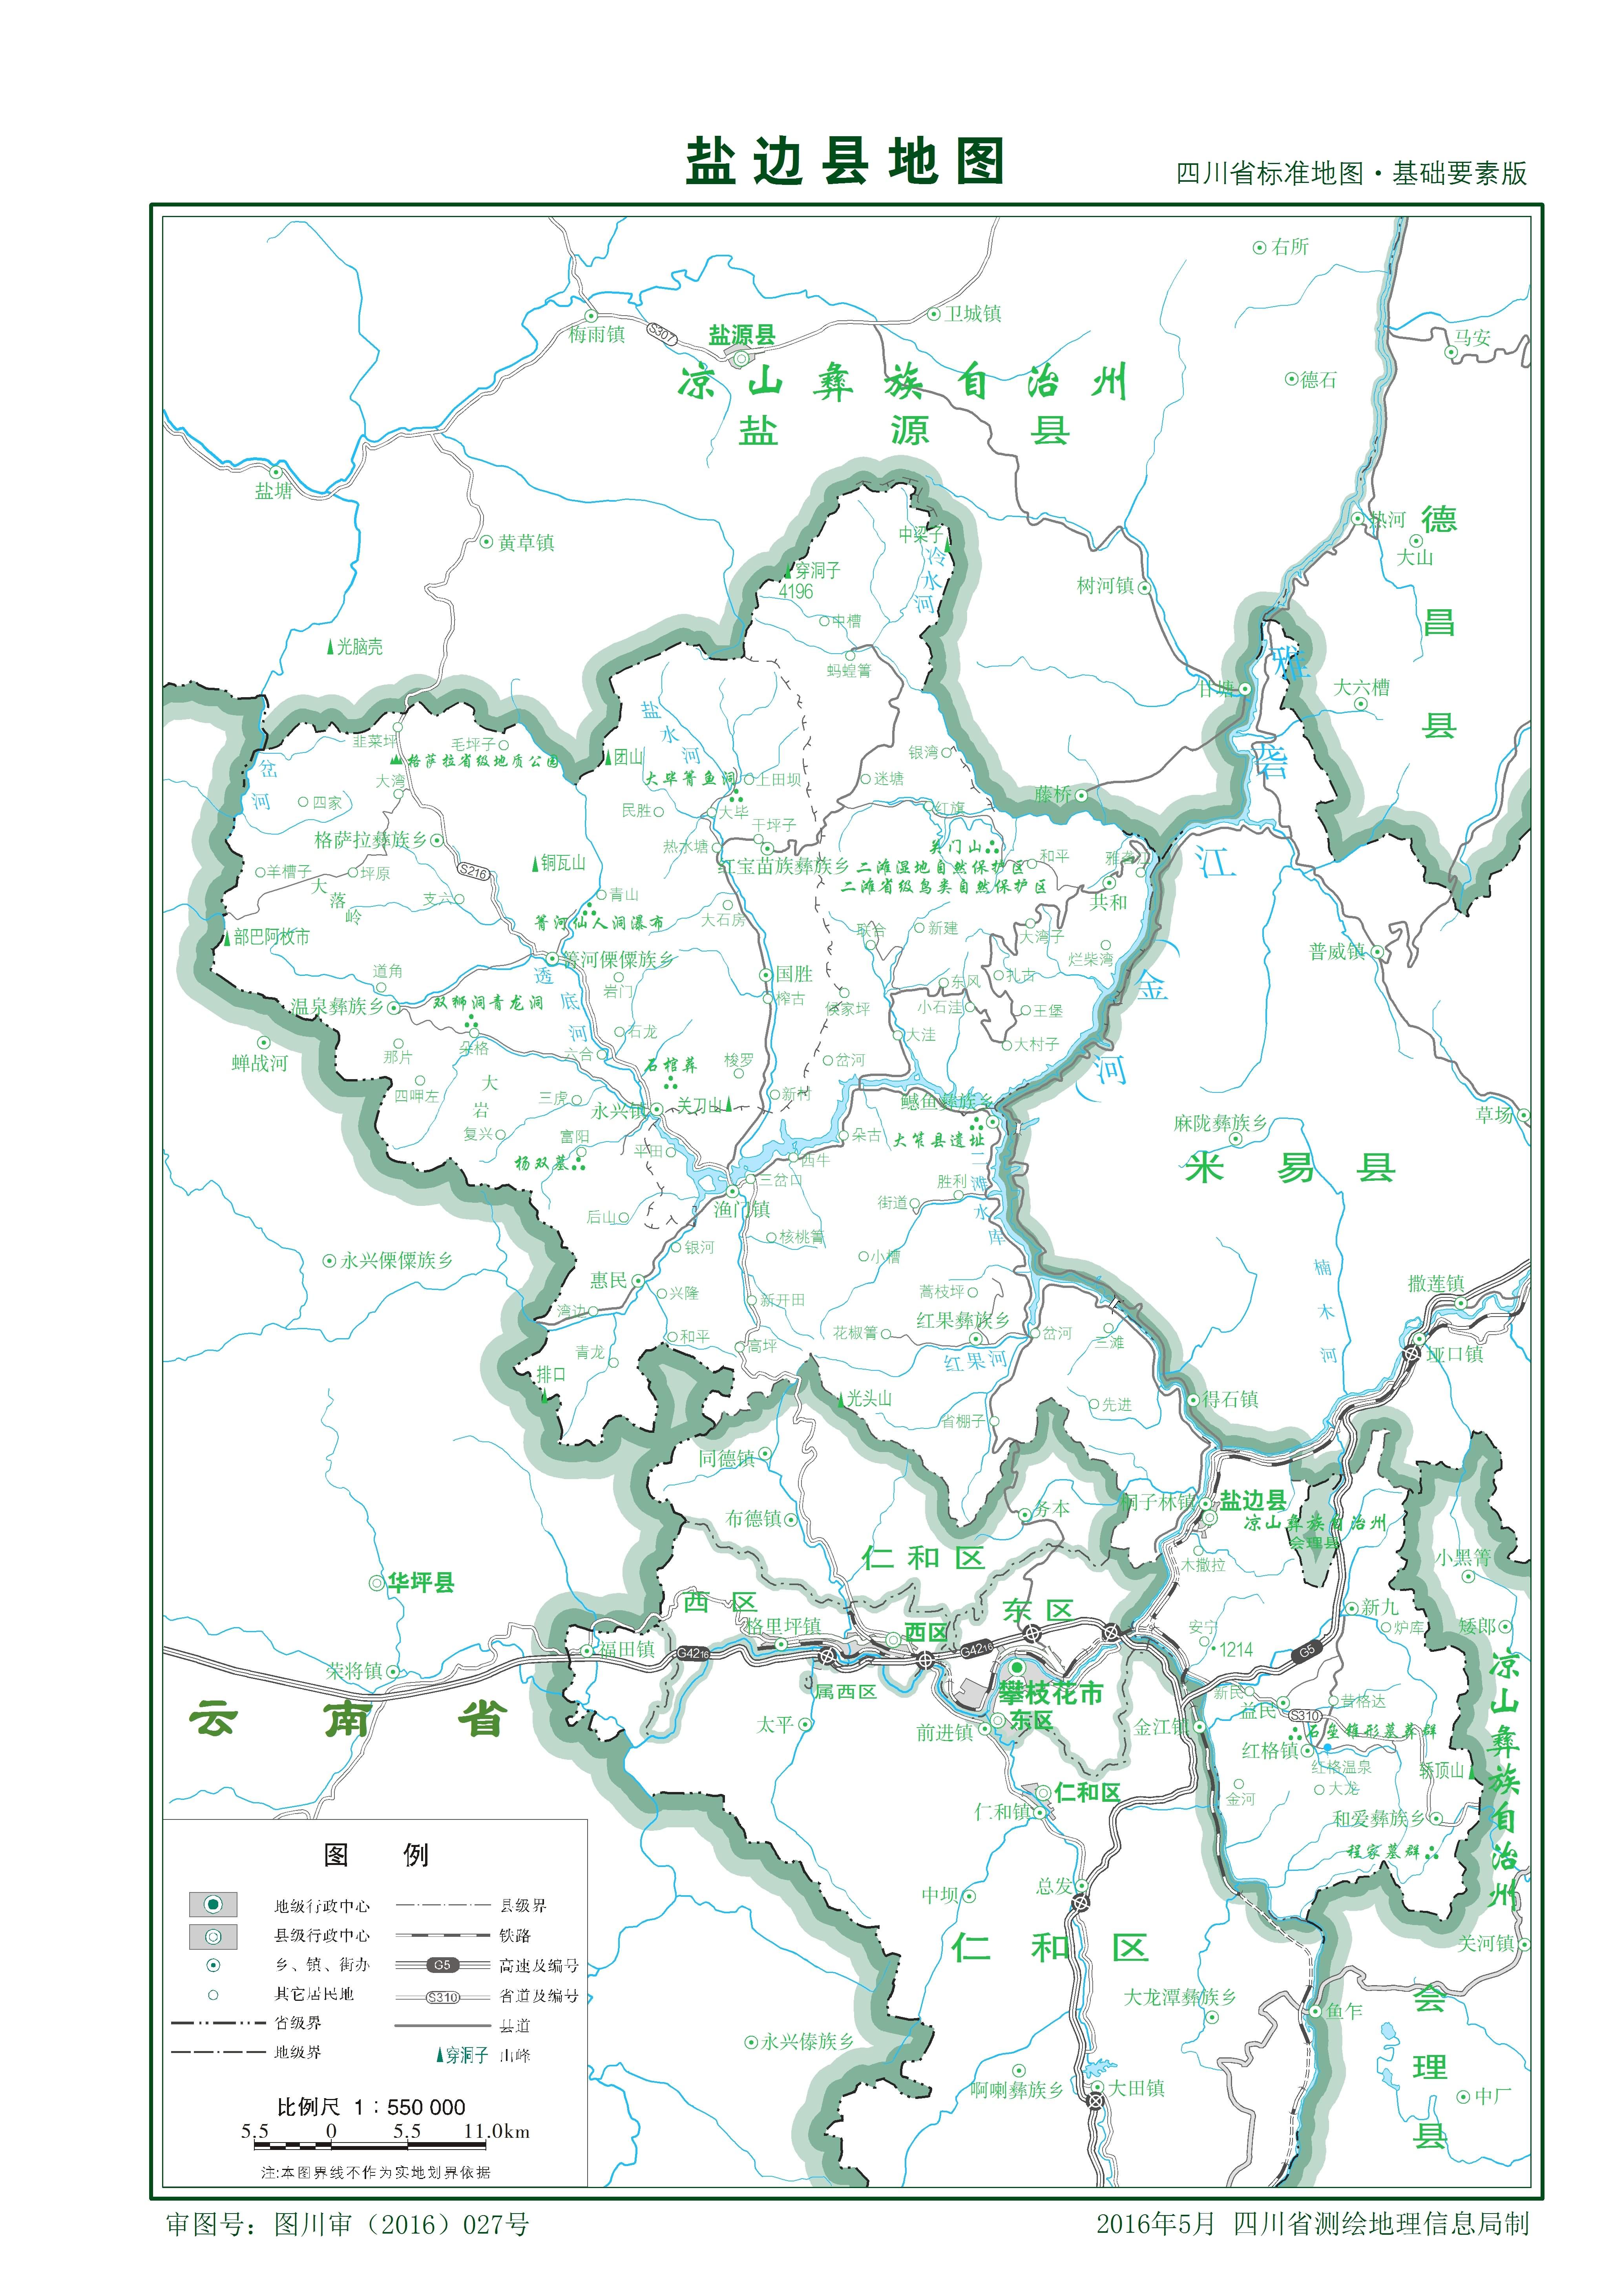 2020盐边县gdp_2020年盐边县规模以上工业 经济运行情况分析